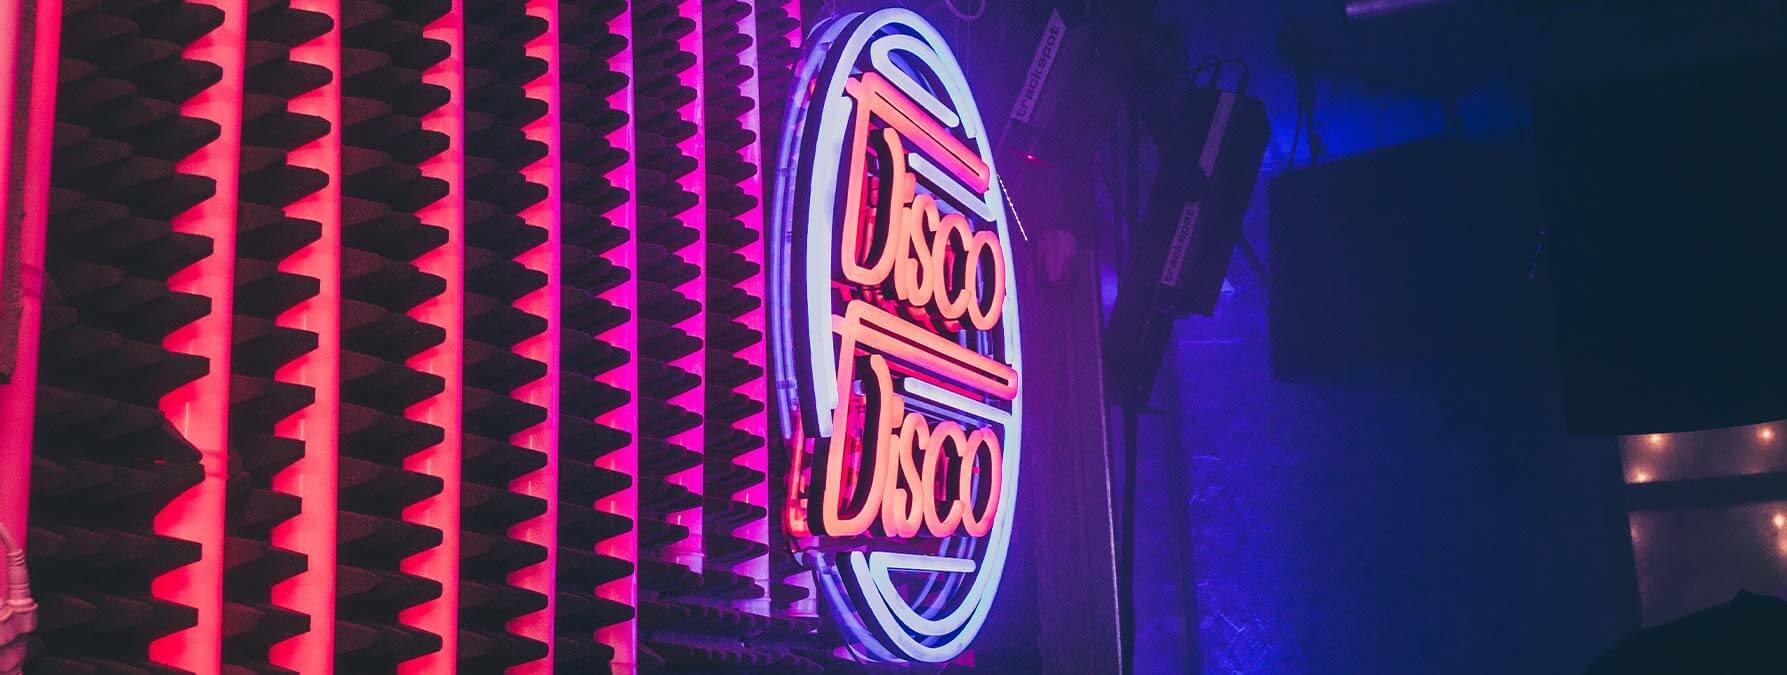 Contact Disco Disco